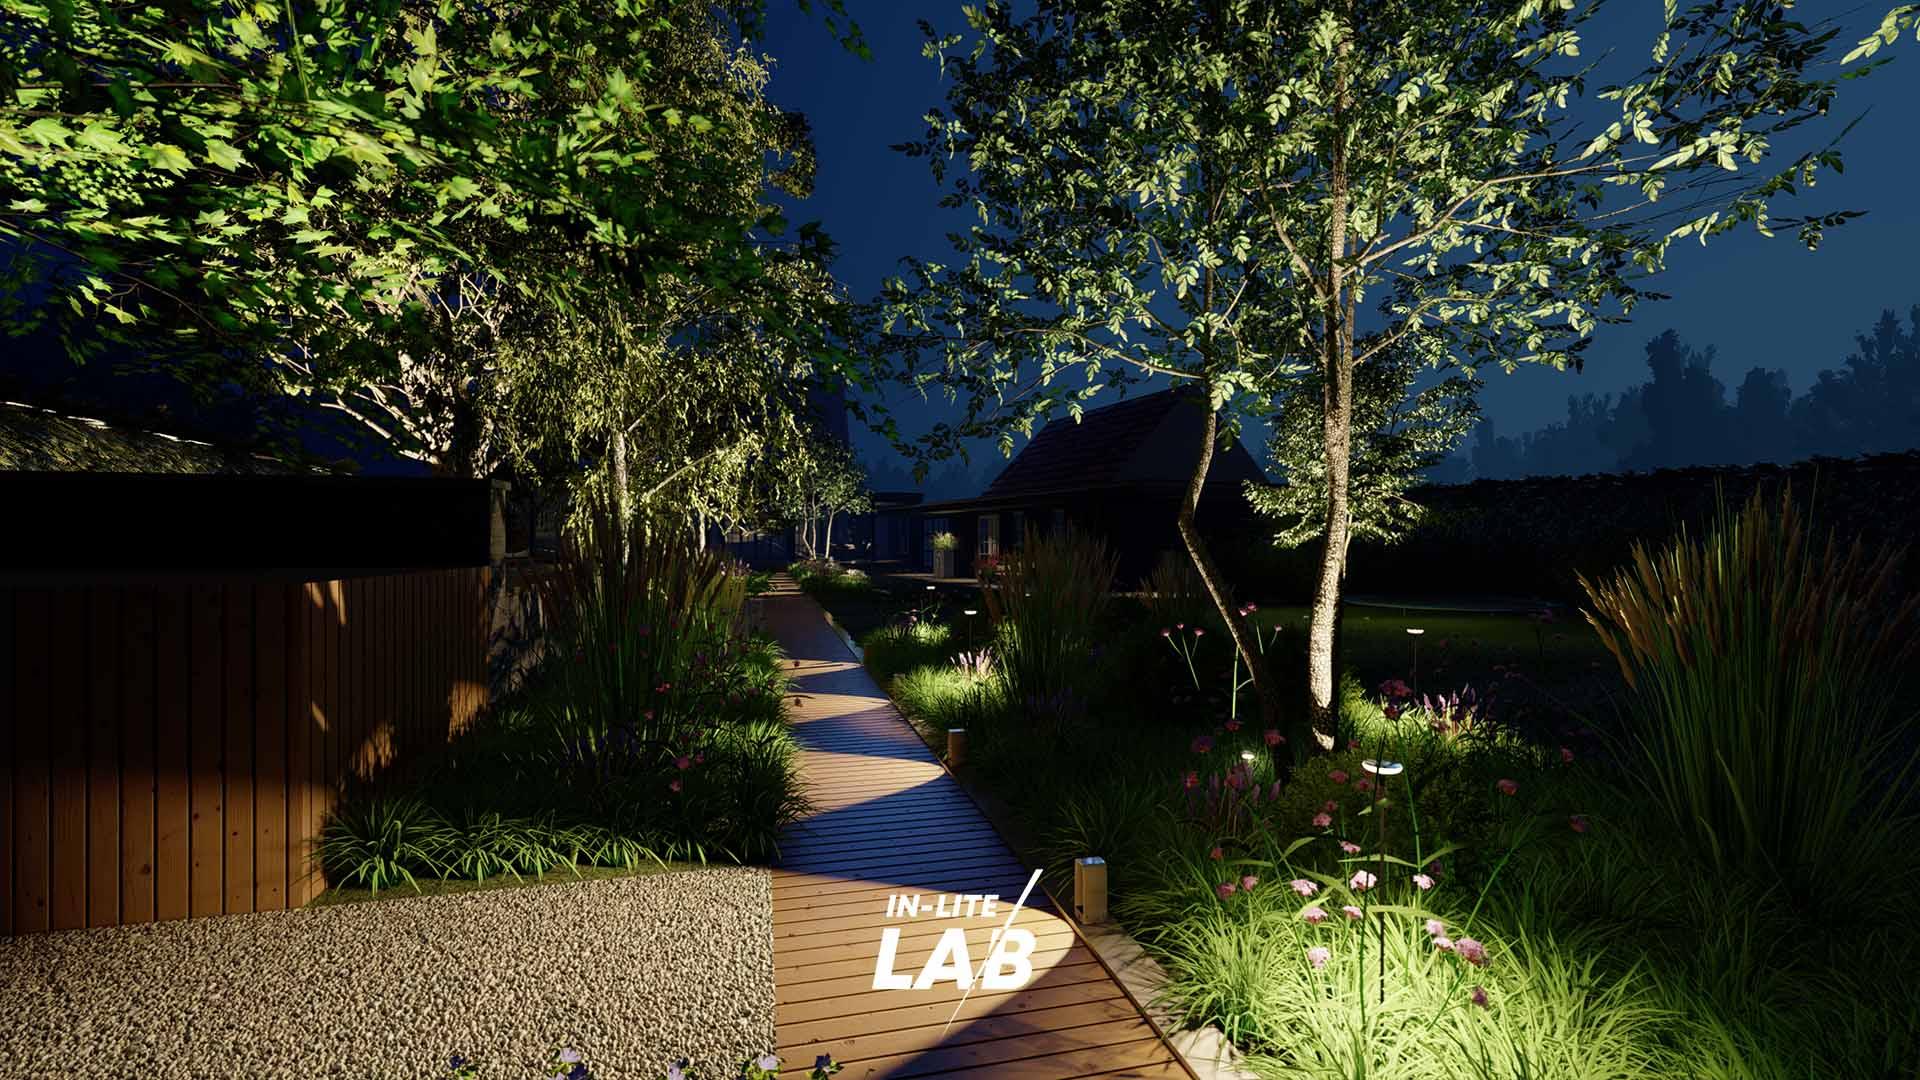 Tuinverlichting - LAB - in-lite